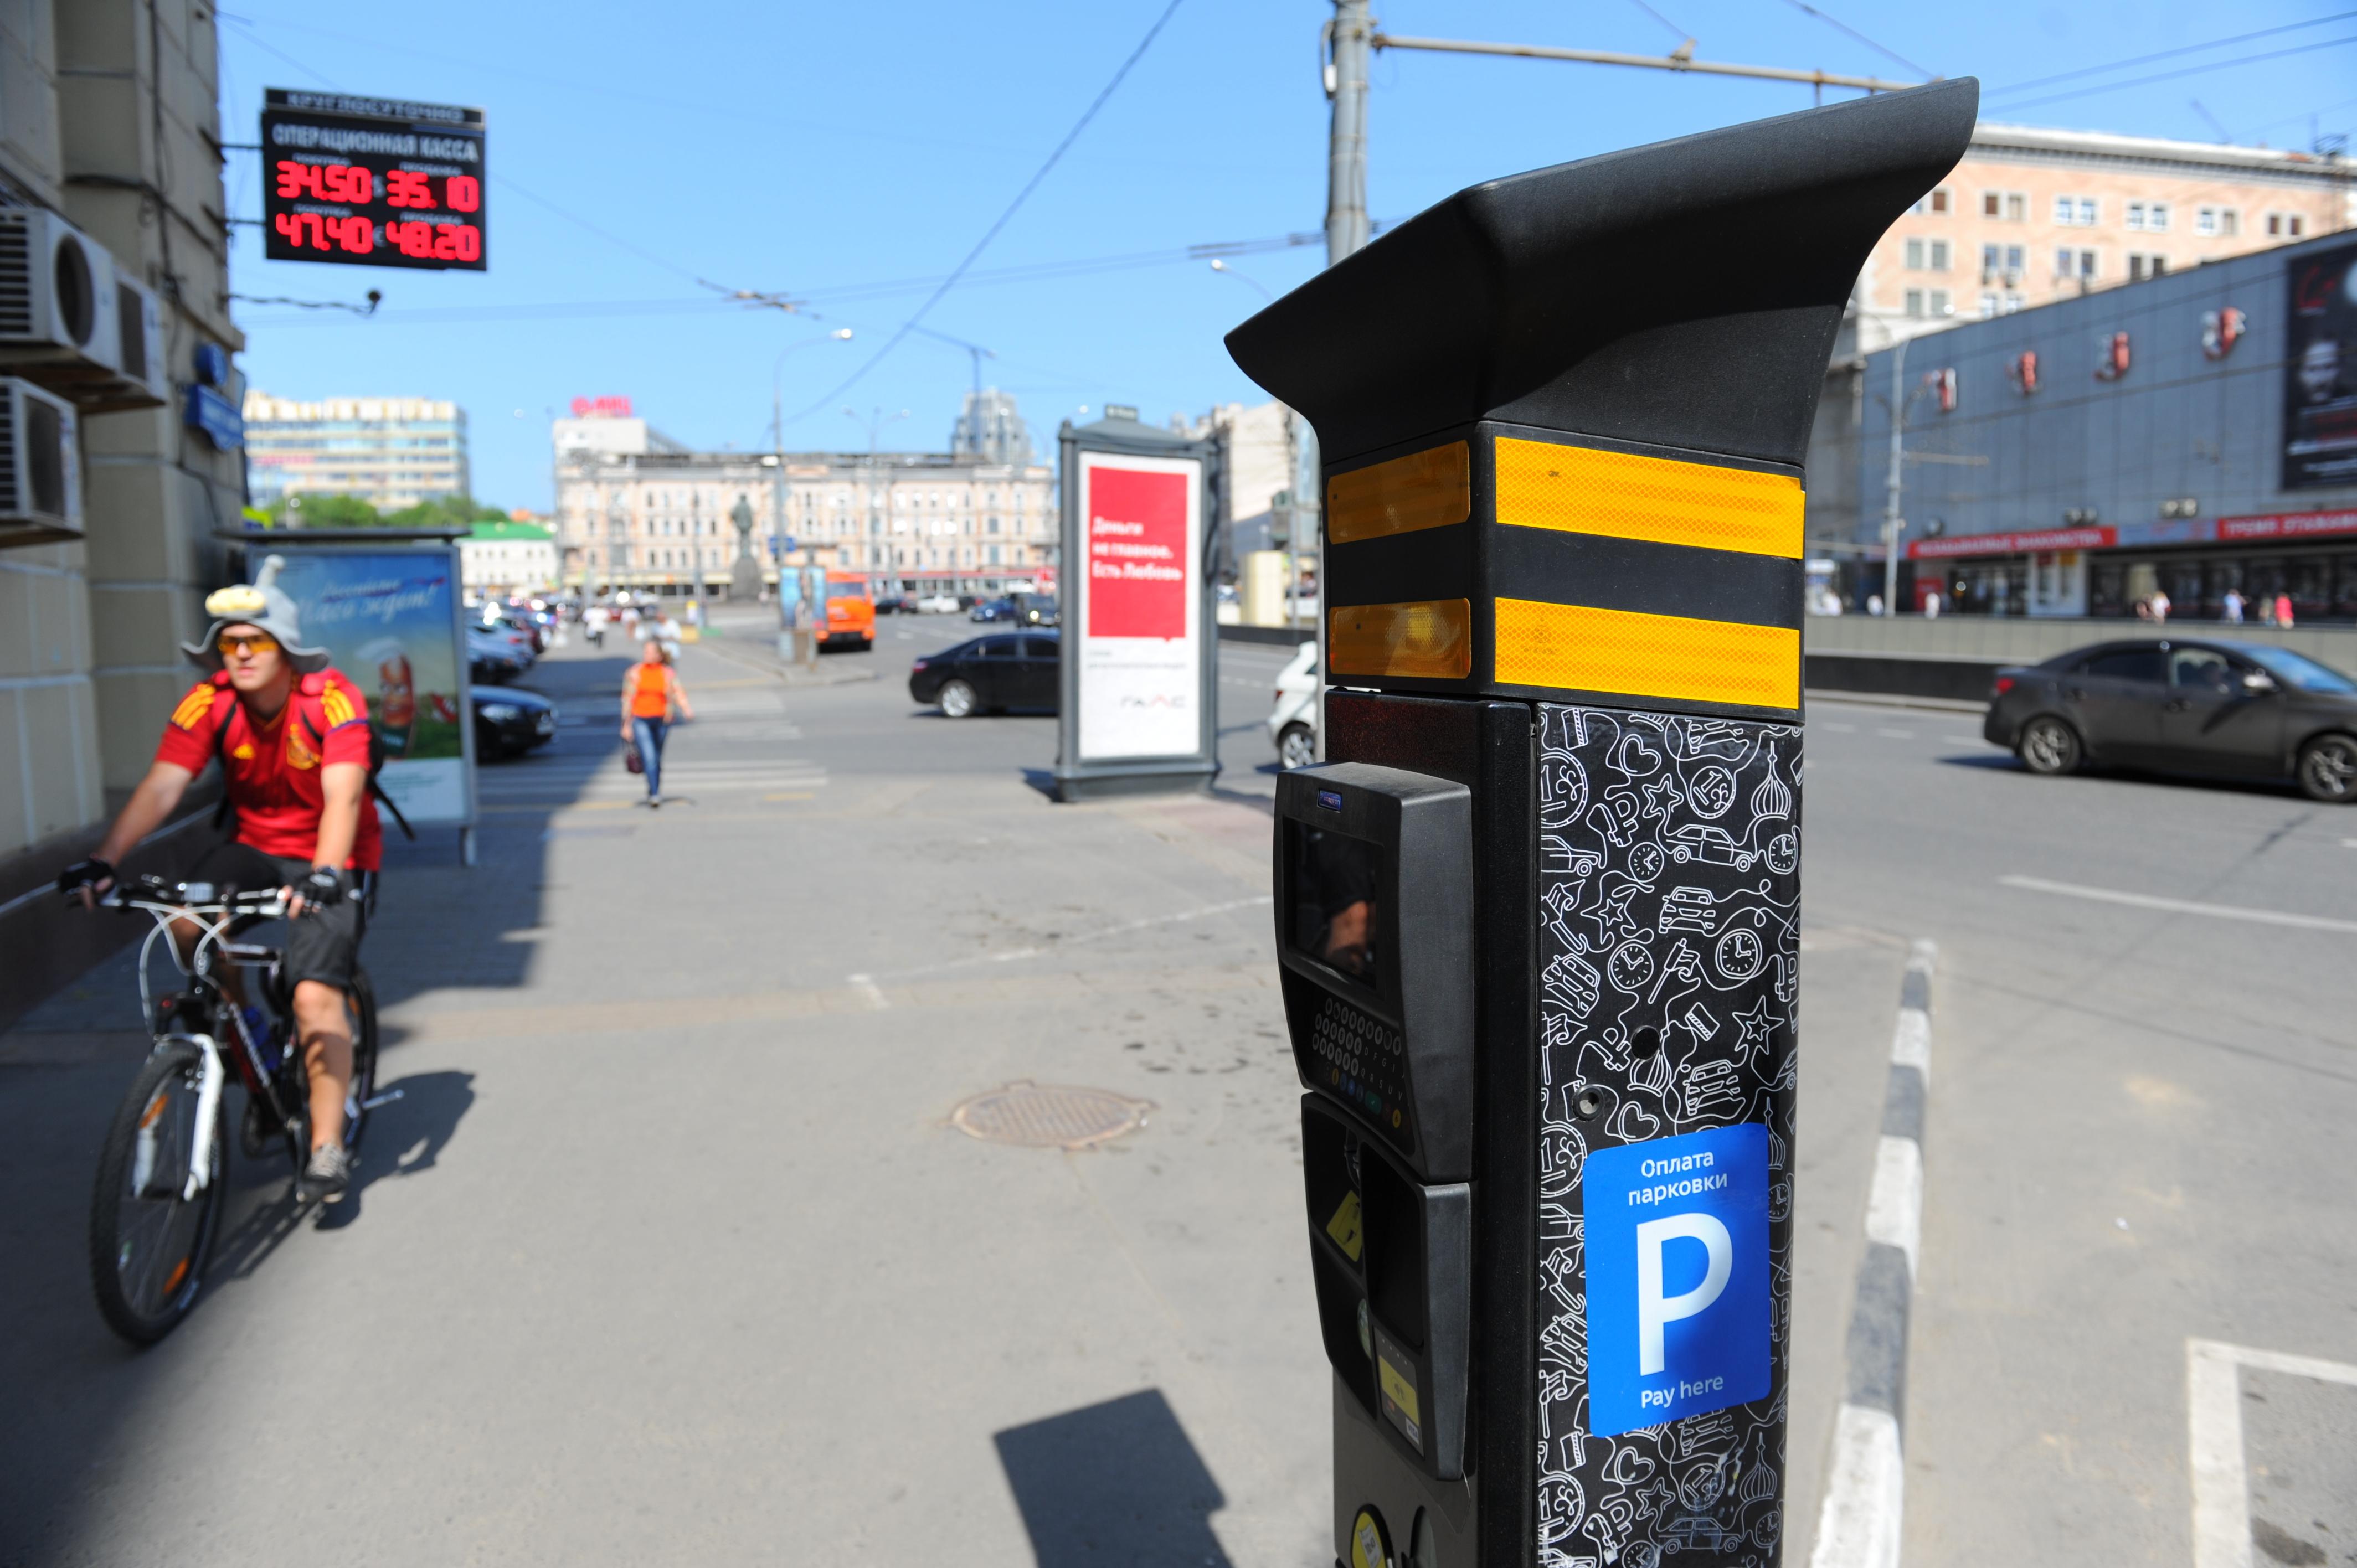 Правильная цена на парковку, по мнению экспертов, должна гарантировать наличие одного-двух свободных мест на каждом парковочном блоке.